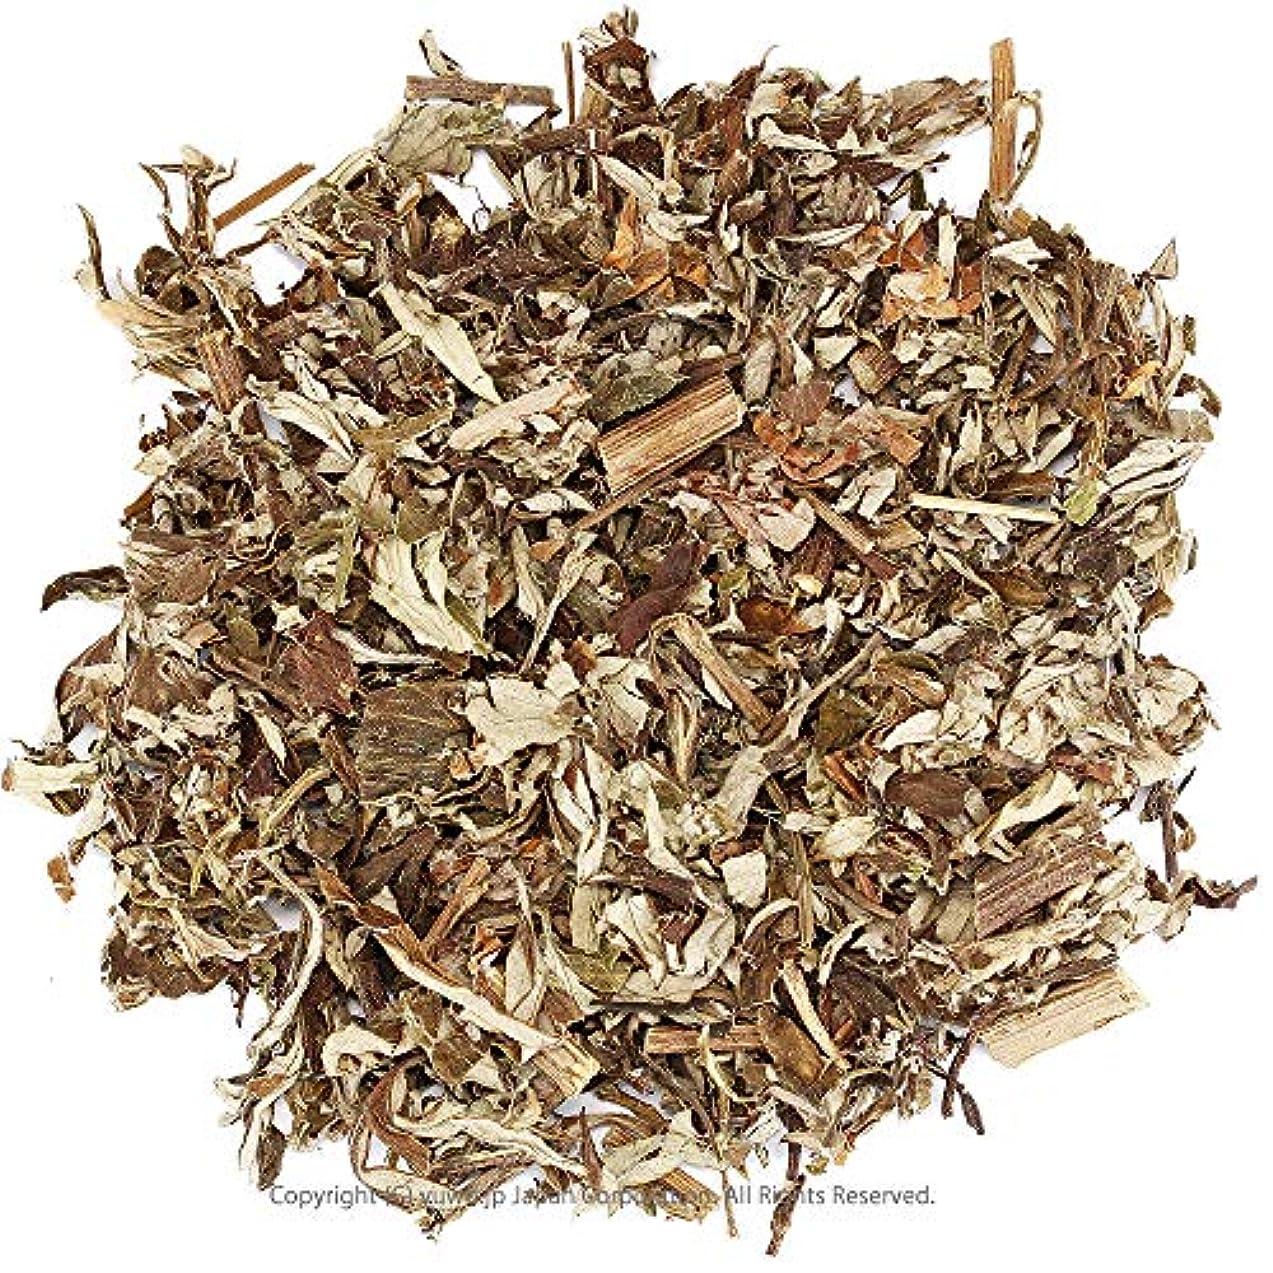 不要病者メロドラマティックヨモギ業務用 500g 蓬茶 本場韓国産ヨモギ 葉(地上部 主に葉)100% 乾燥よもぎ茶 よもぎ風呂 ヨモギ蒸し